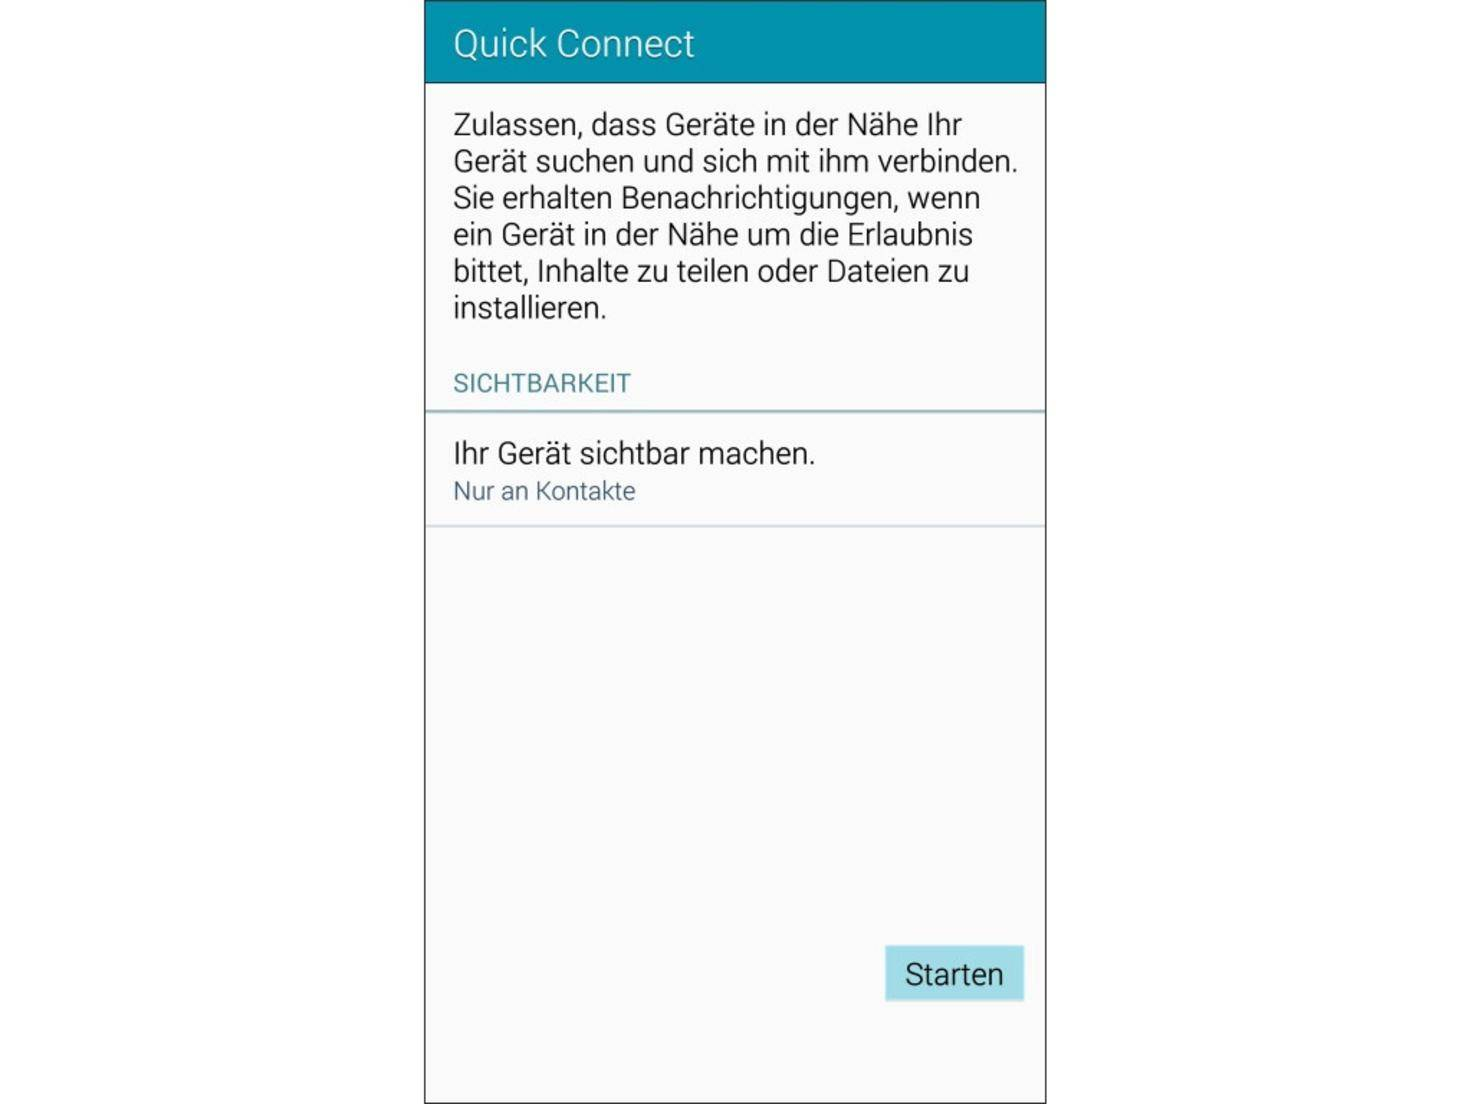 Auch andere Geräte können auf das Galaxy Note 4 zugreifen.